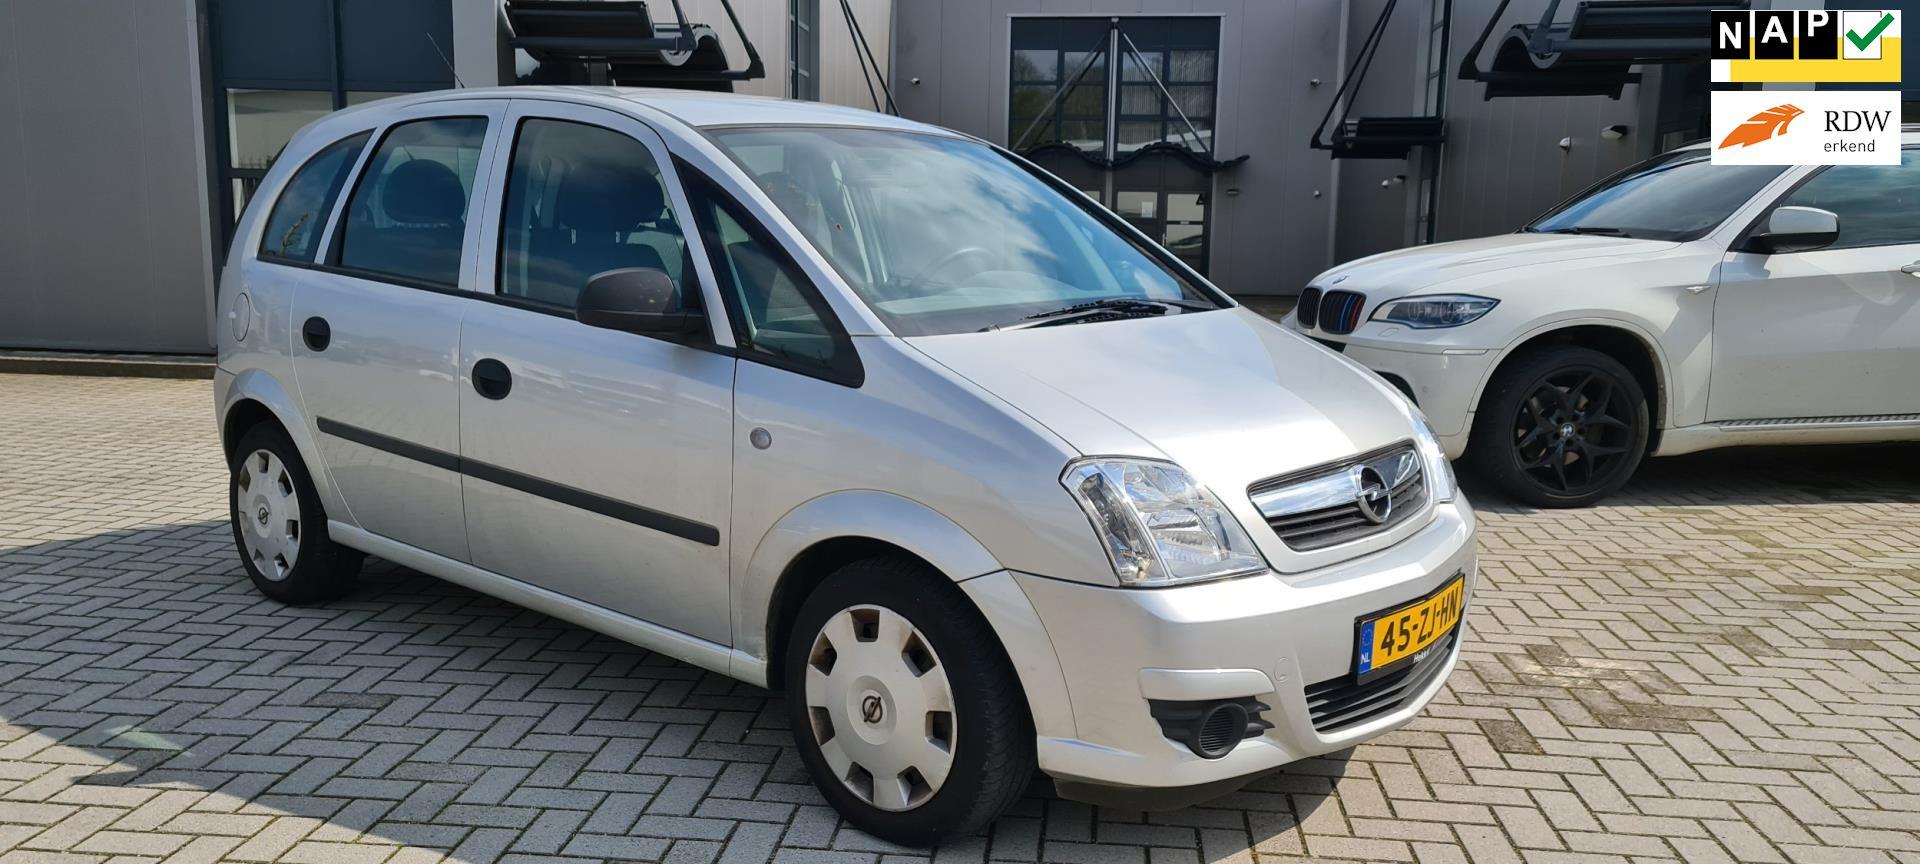 Opel Meriva occasion - Weerterveld Auto's